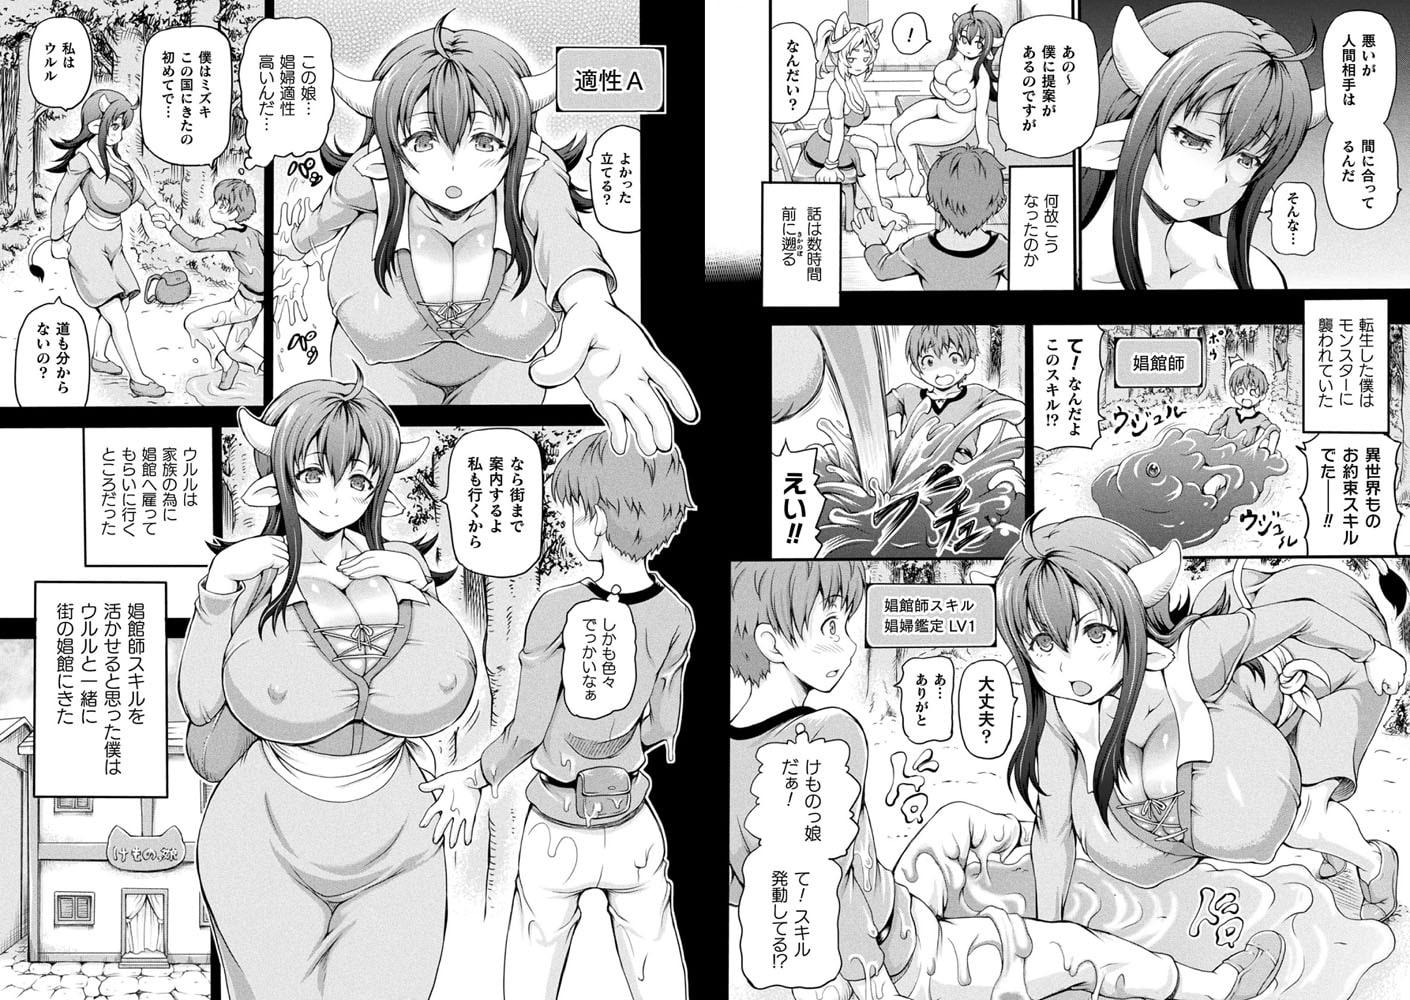 【異世界娼館】第1話サンプル2